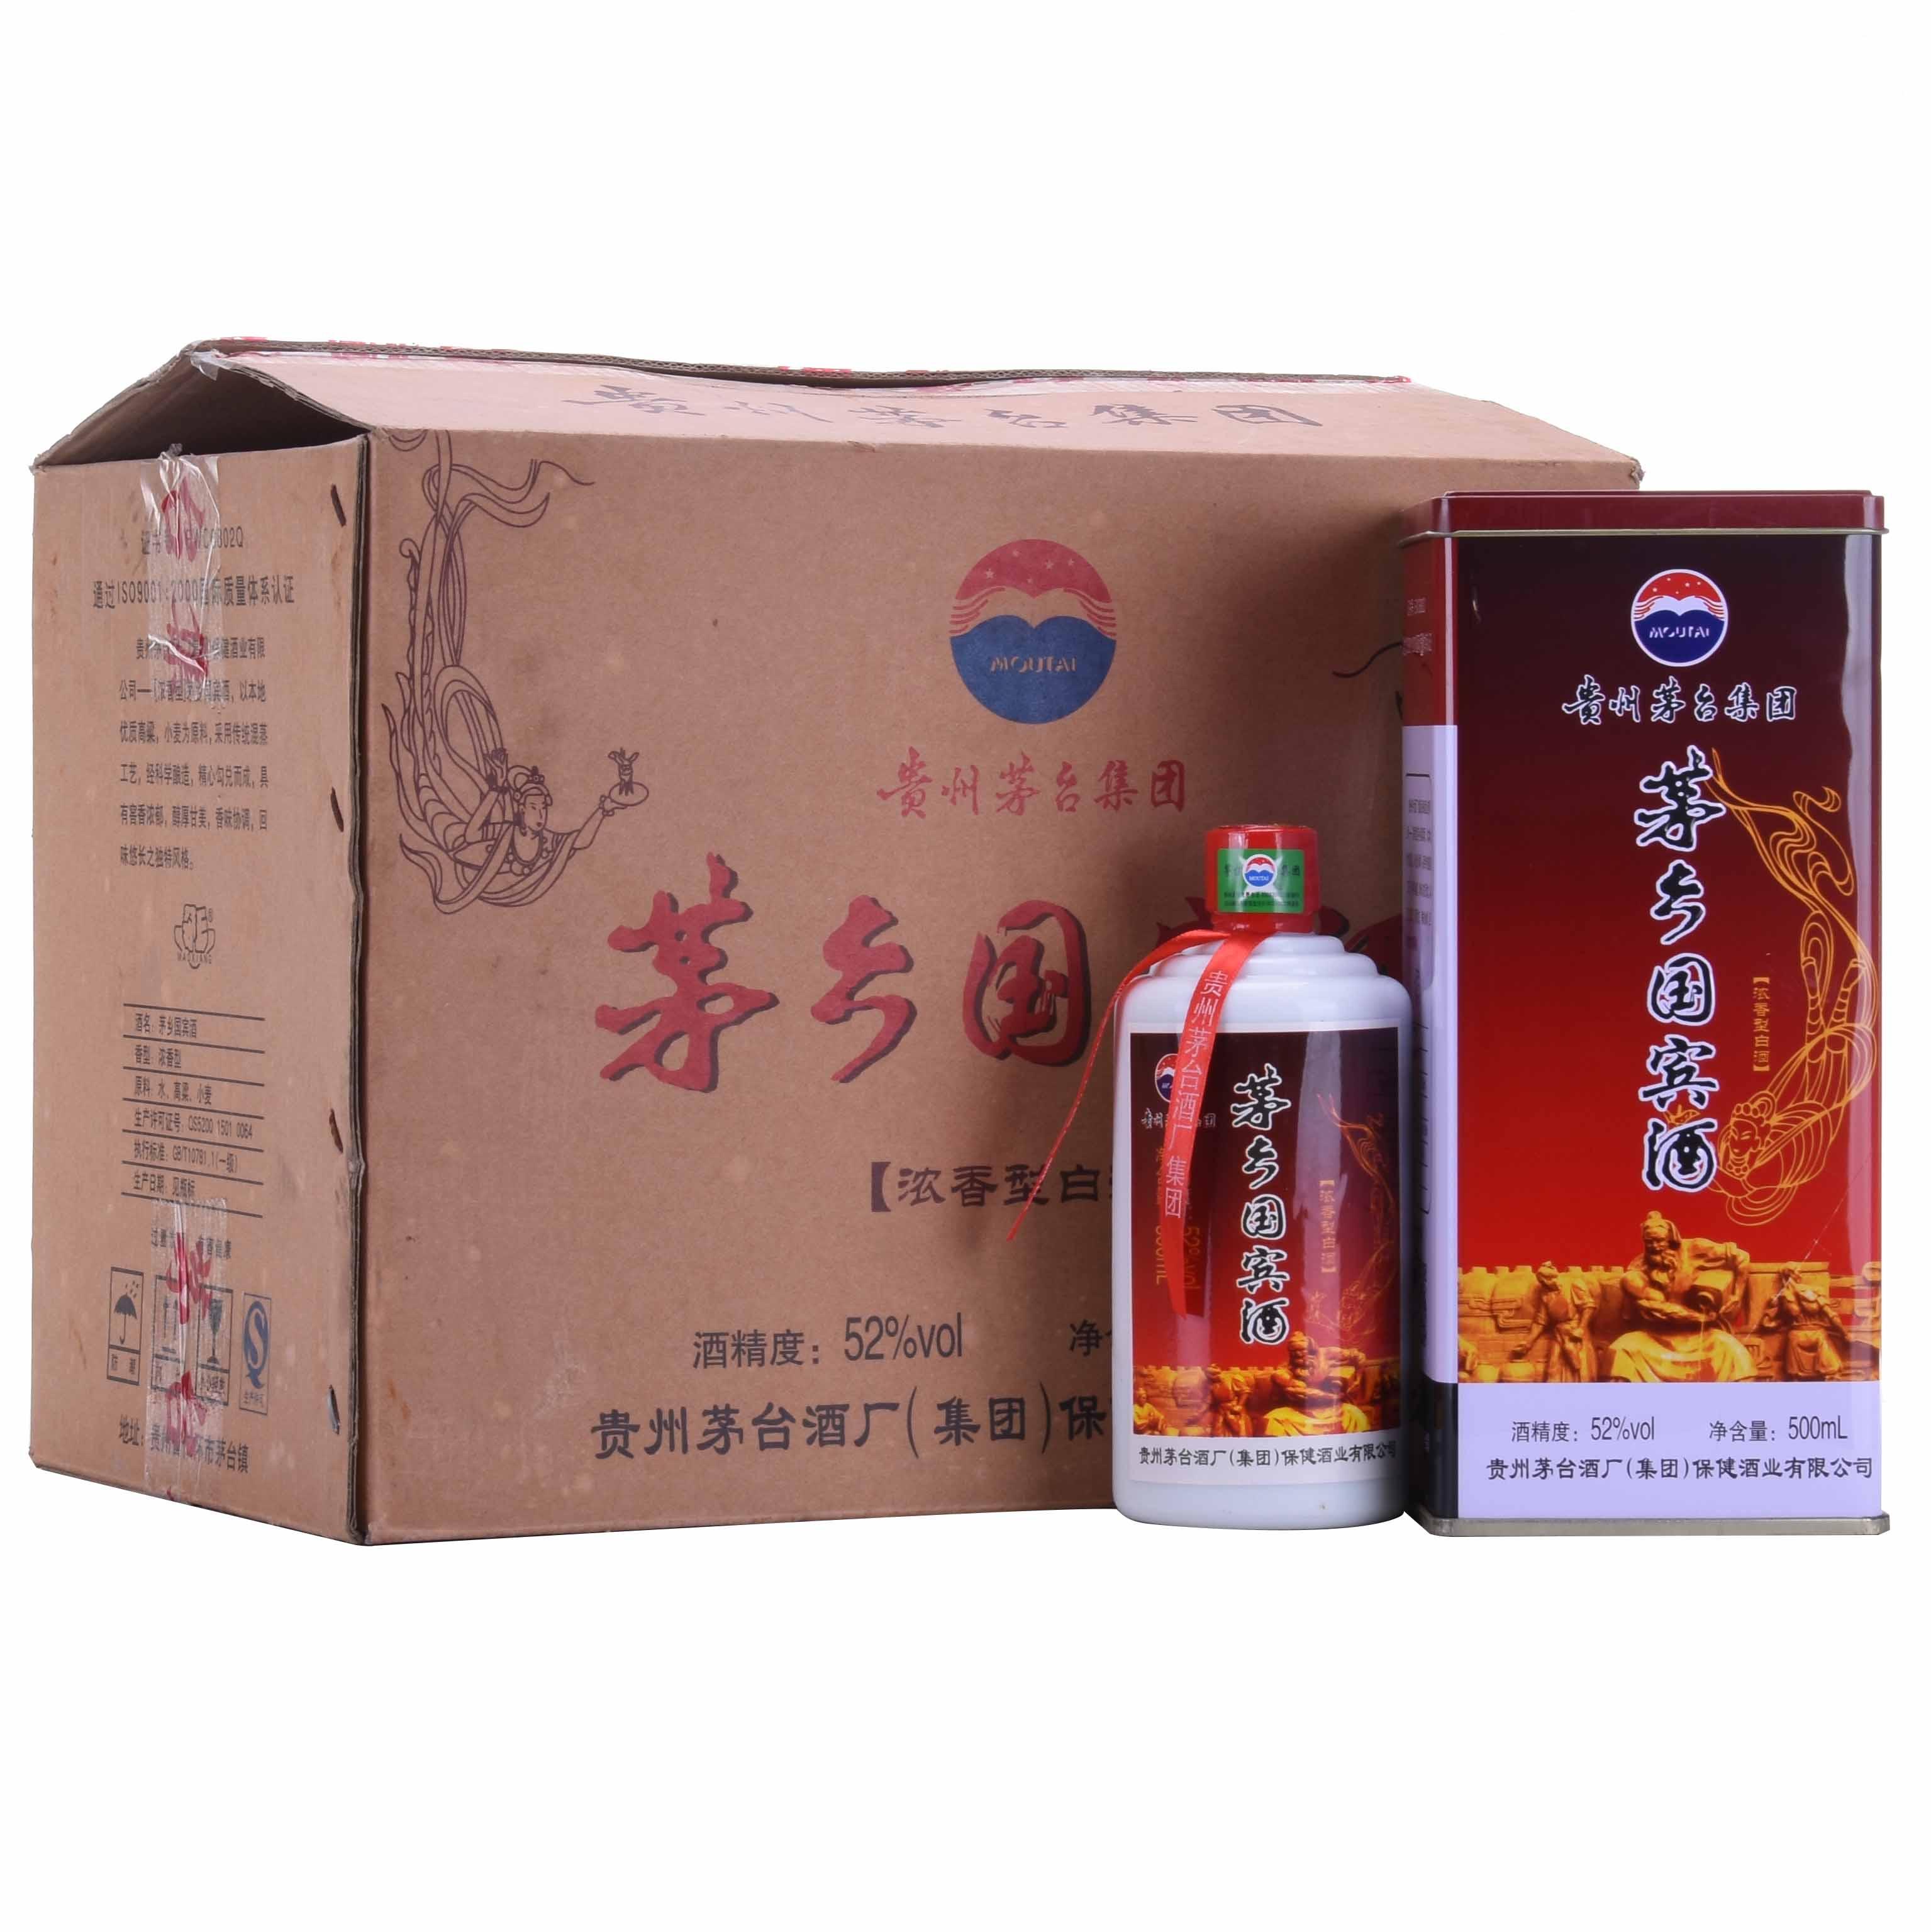 52°贵州茅台(茅乡国宾酒)500ml(2012年)1箱6瓶